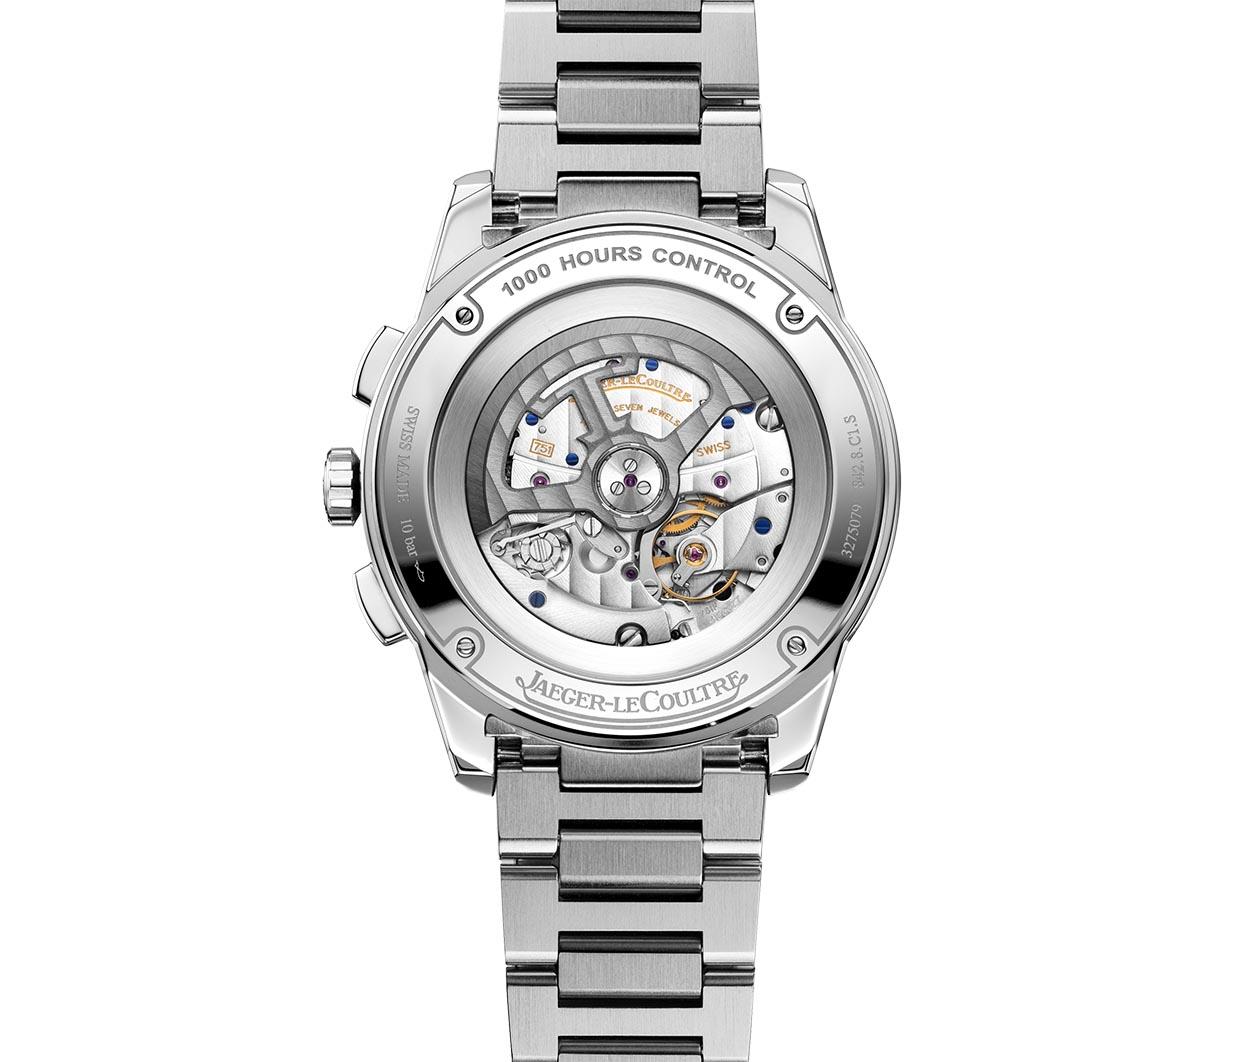 JaegerLeCoultre Polaris Chronograph 9028170 Carousel 3 FINAL